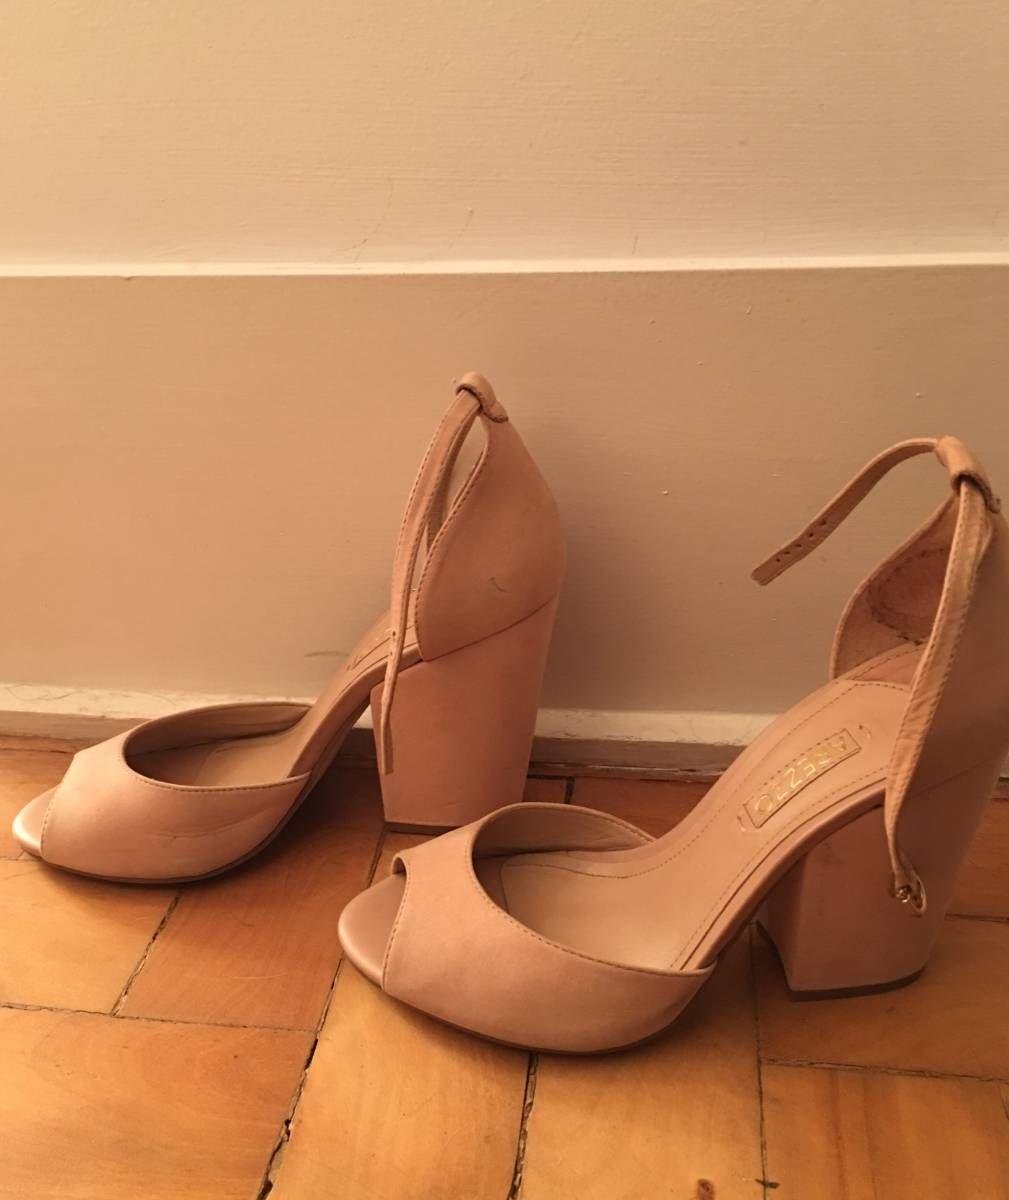 c180957bb sapato salto bloco nude arezzo - sapatos arezzo | Sapatos em 2019 ...